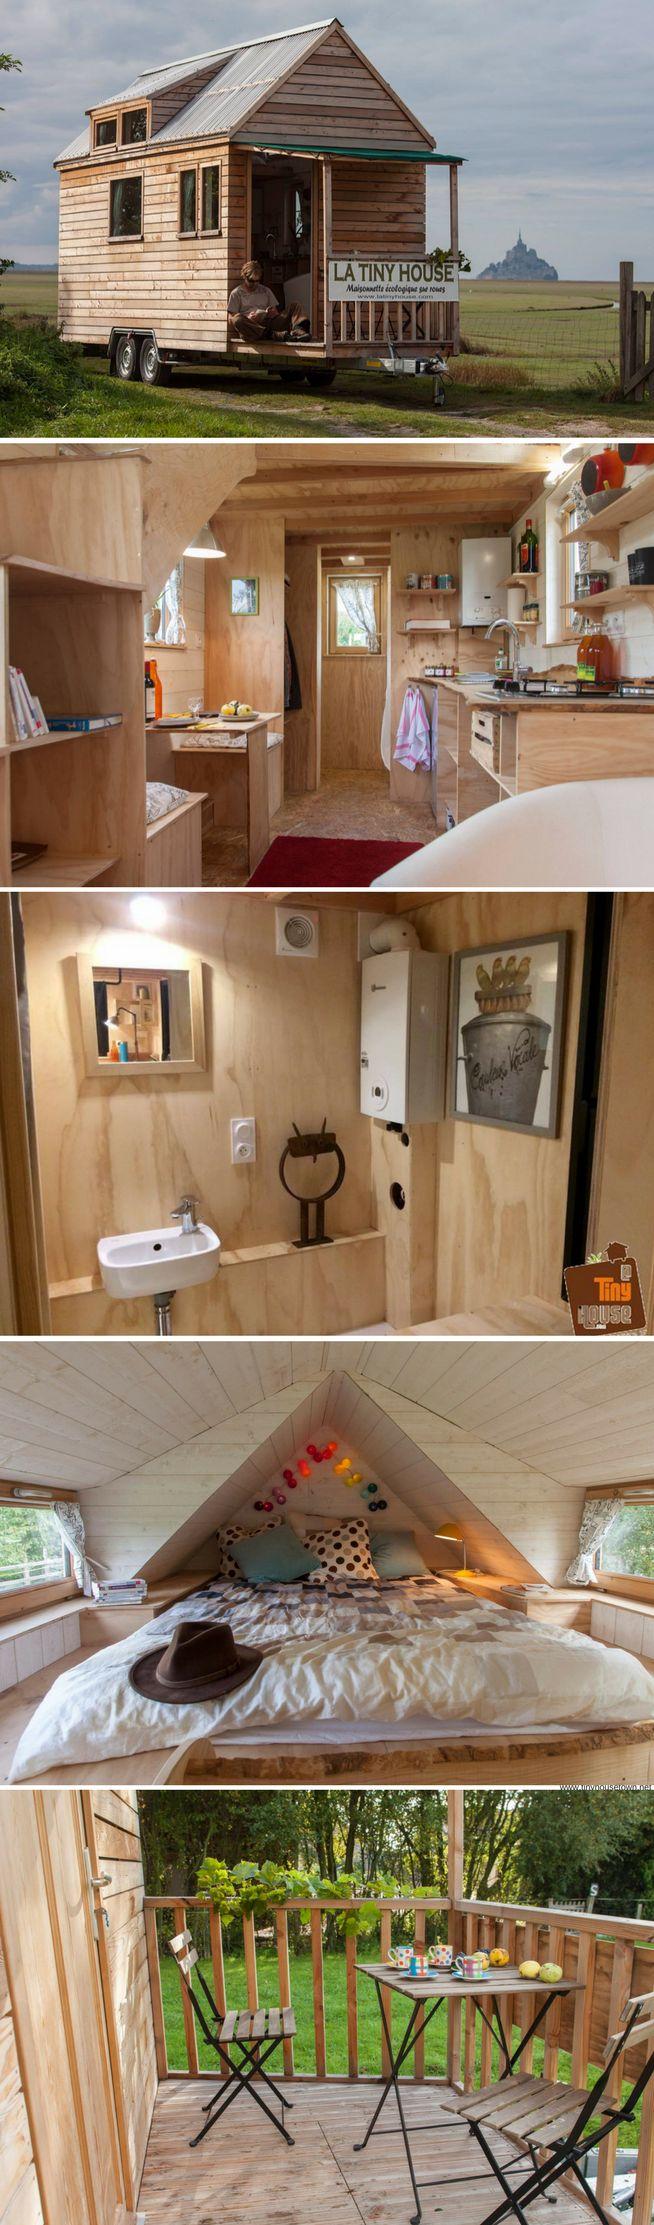 ^ 1000+ ideas about Haus on Pinterest Houses, Wohnung einrichten ...